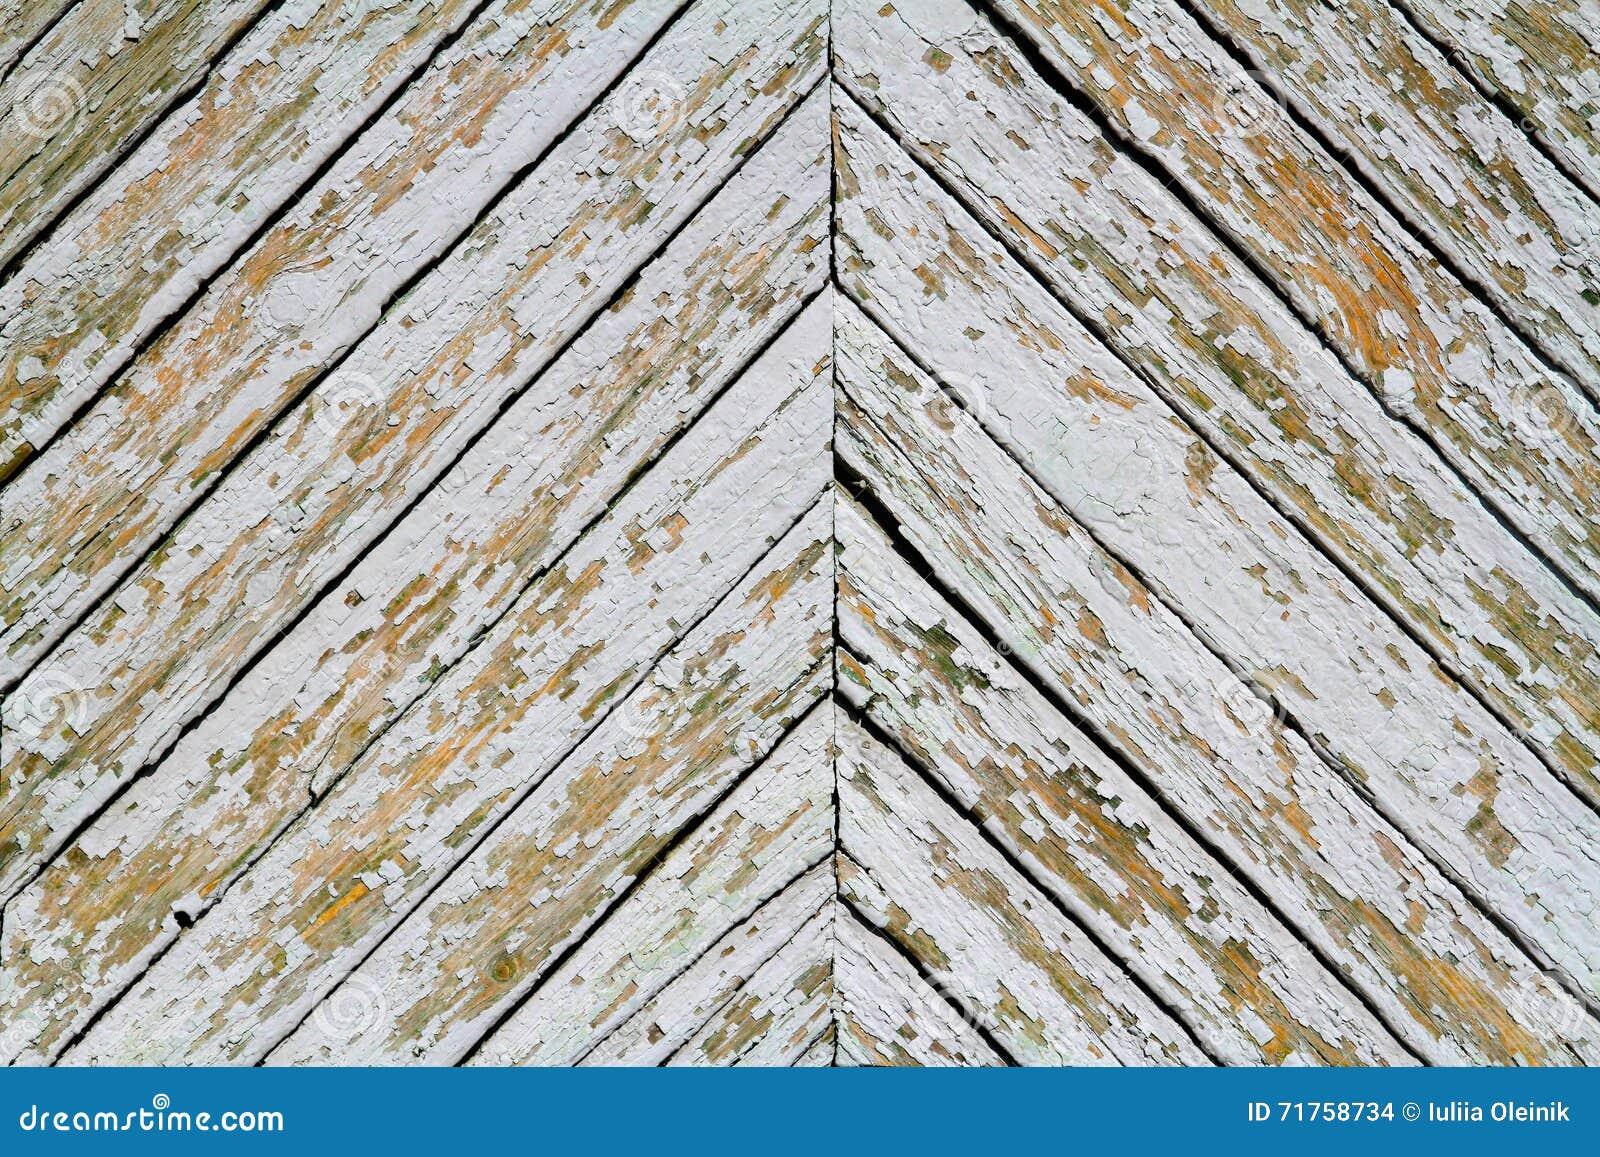 Παλαιά ξύλινη σανίδα σε ένα σχέδιο ψαροκόκκαλων